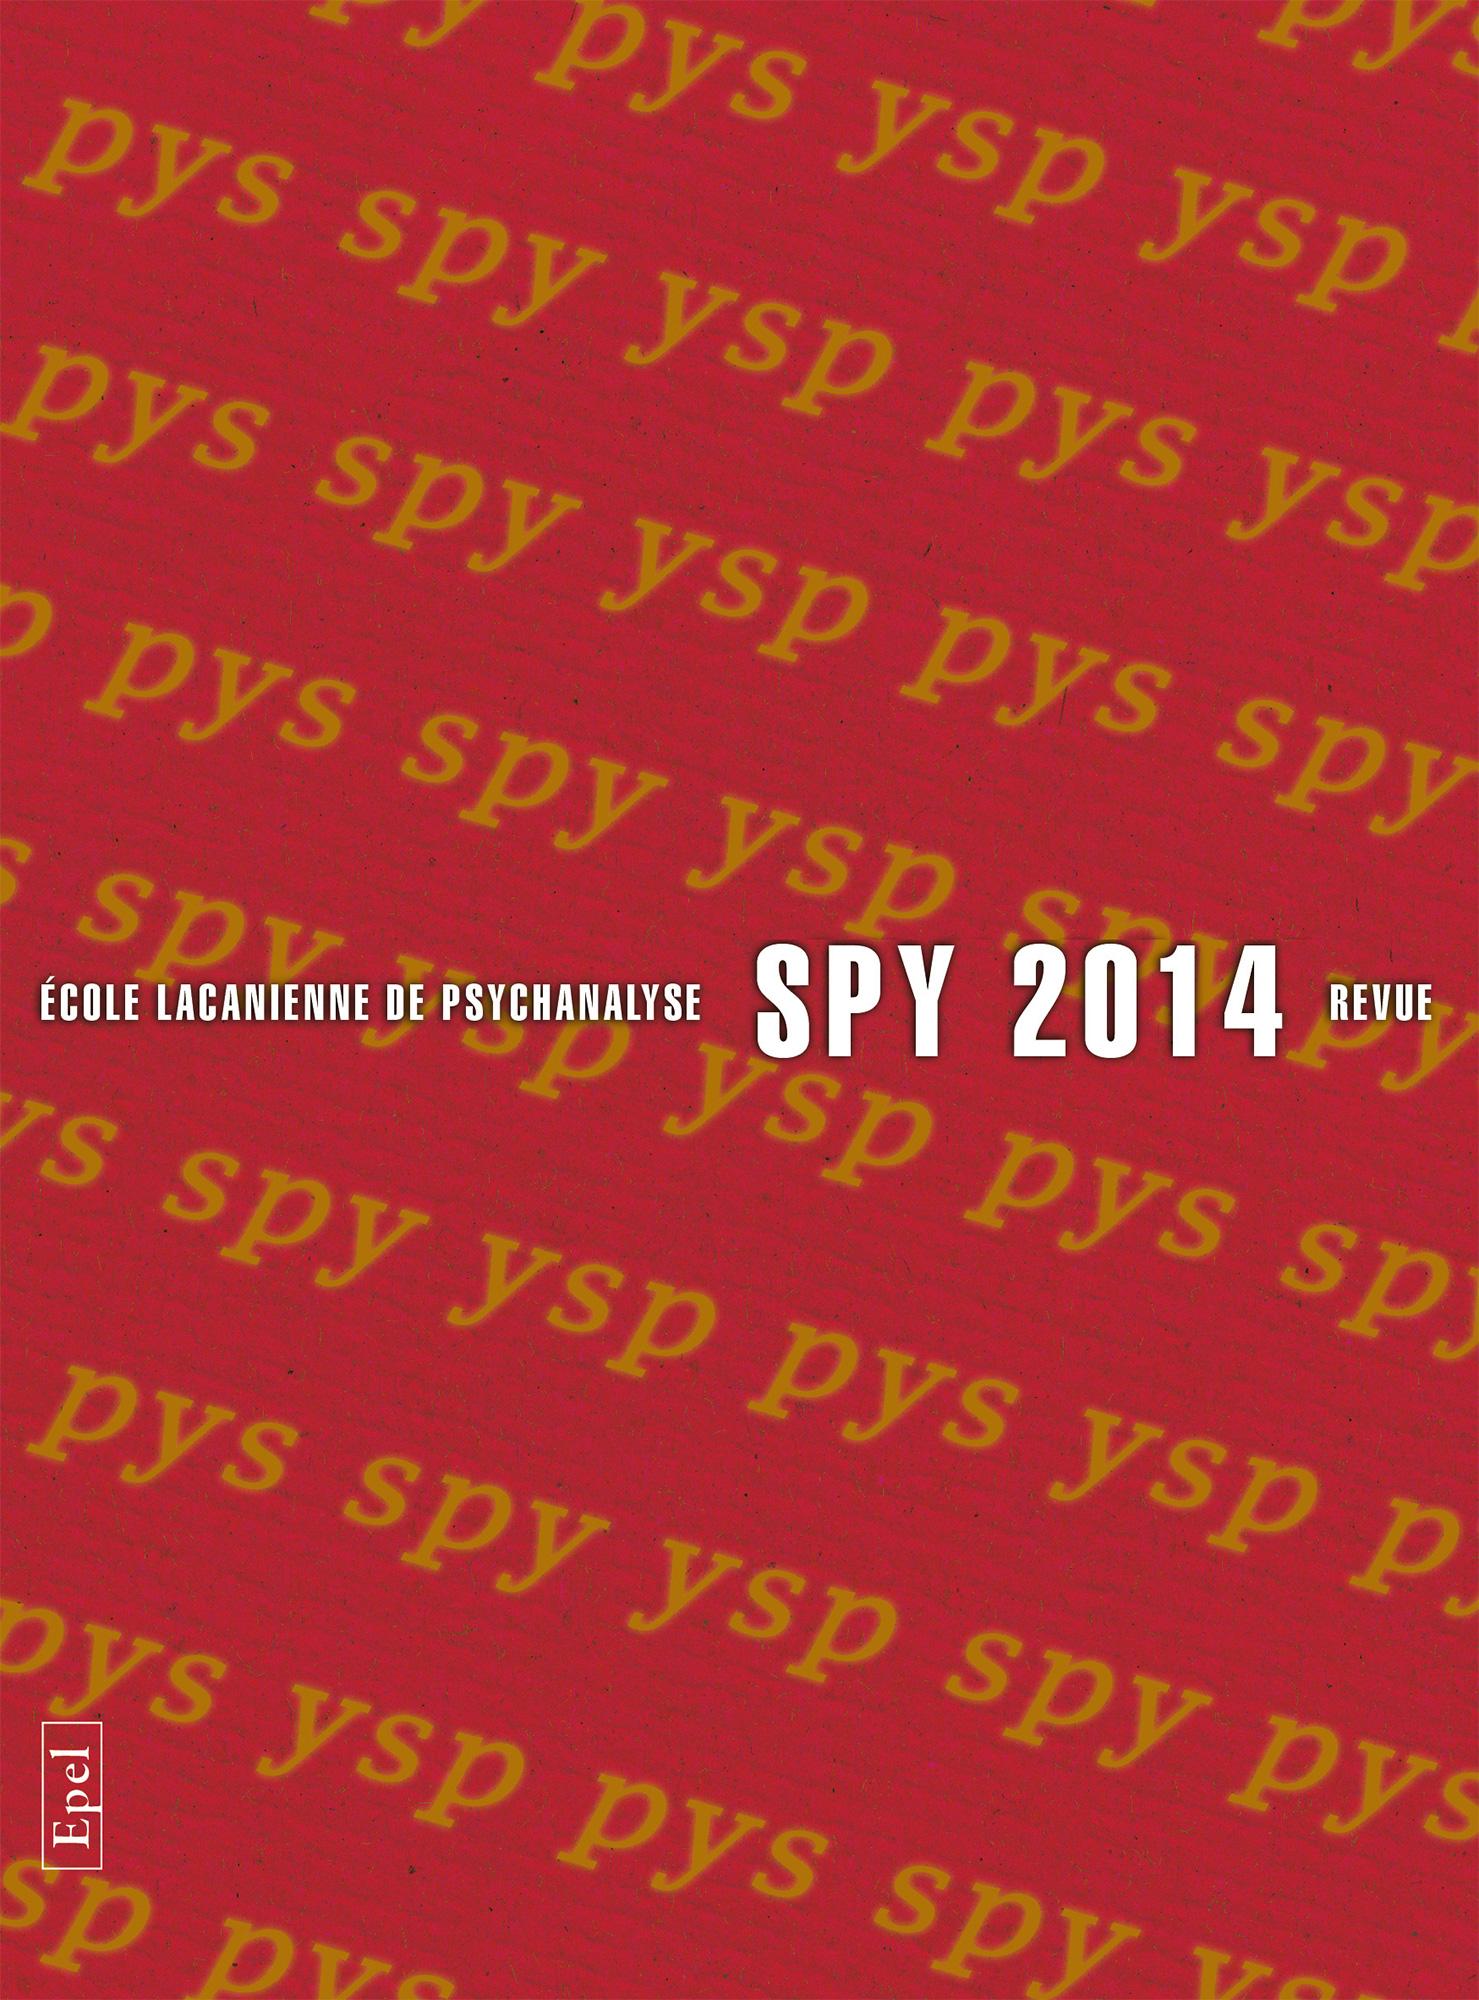 Spy 2014